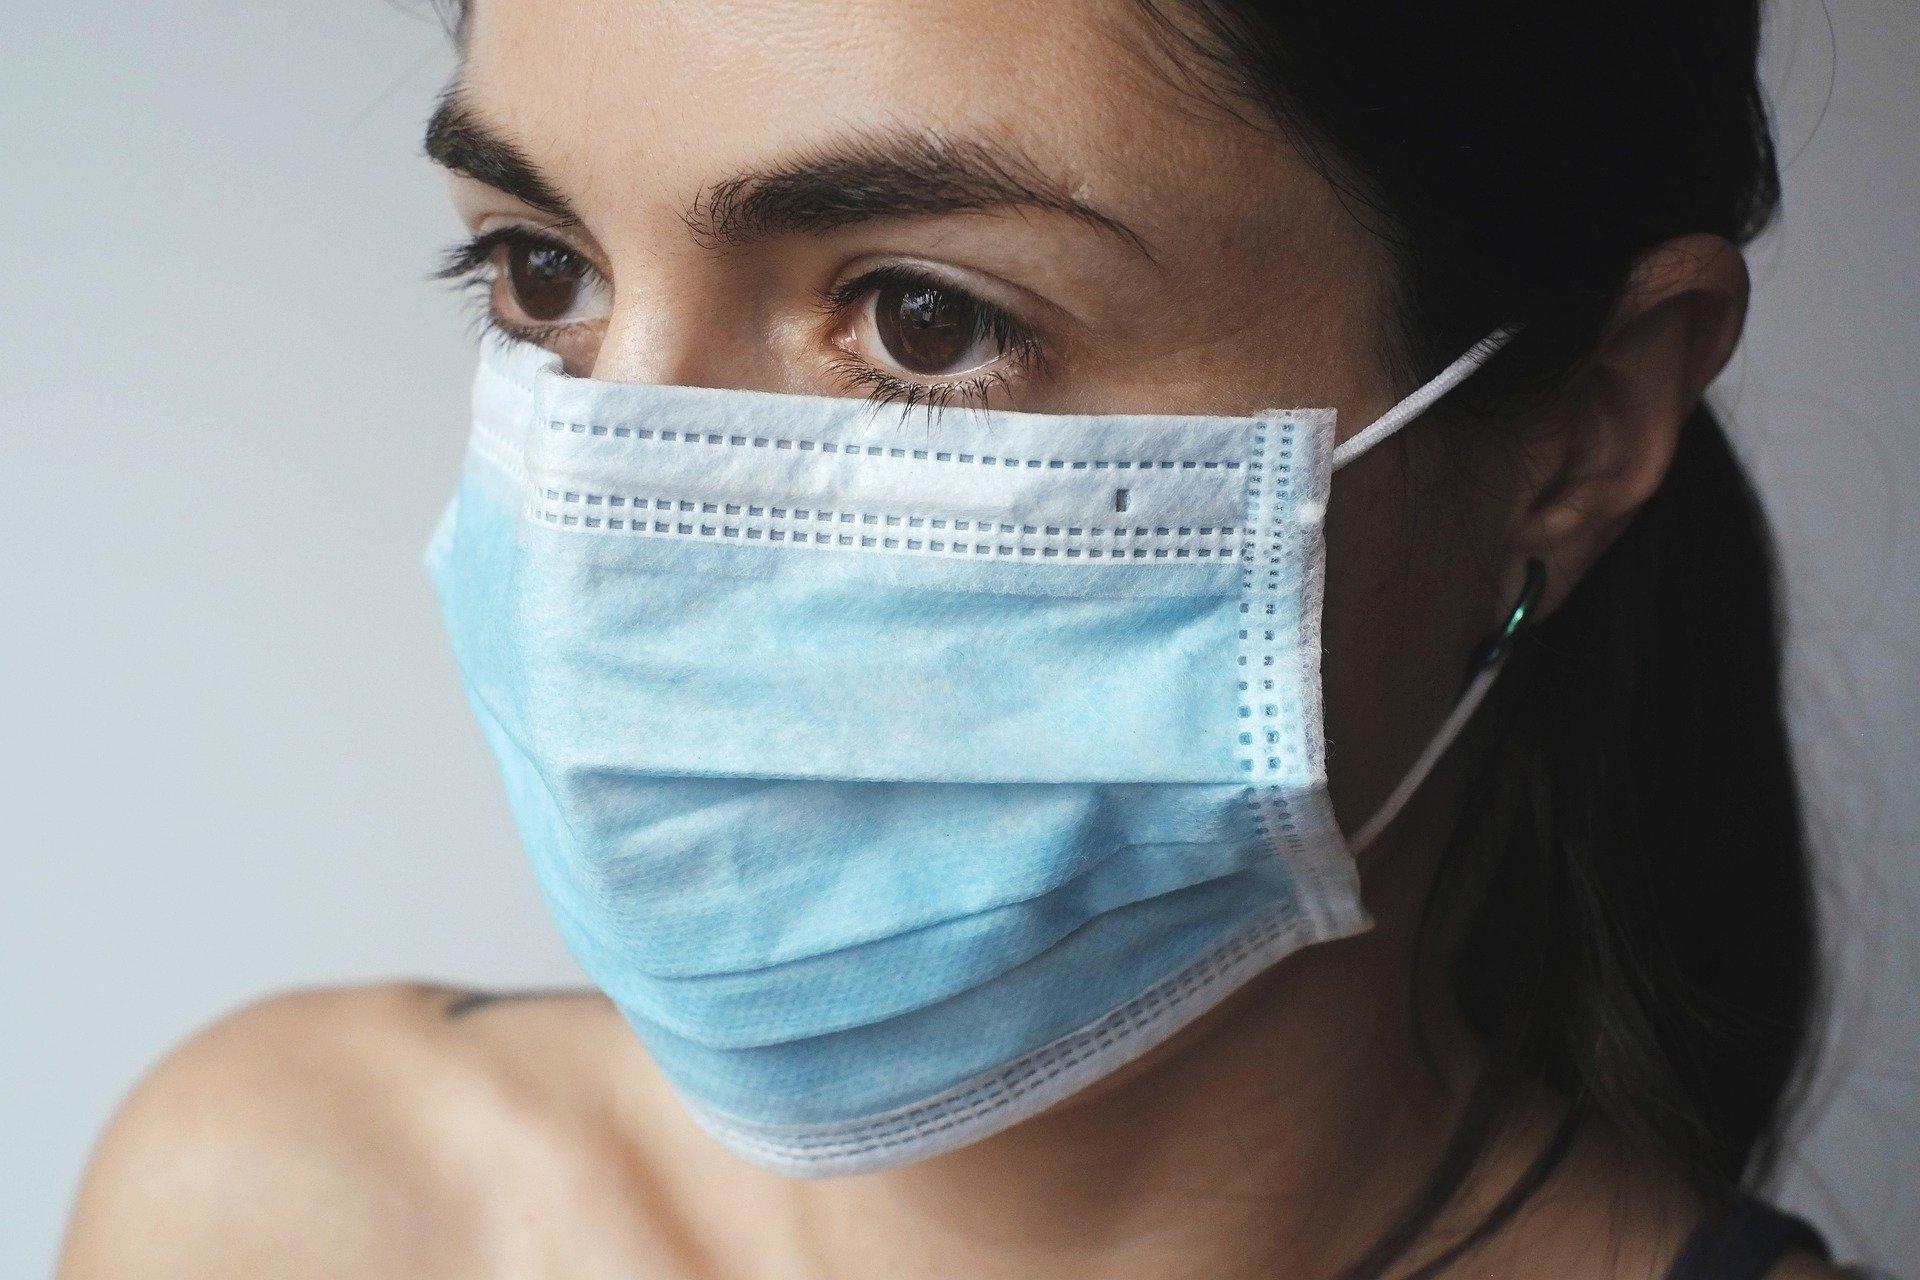 Le portt du masque devient obligatoire pour les rassemblement de plus de 10 personnes organisés en plein air. Image par Juraj Varga de Pixabay